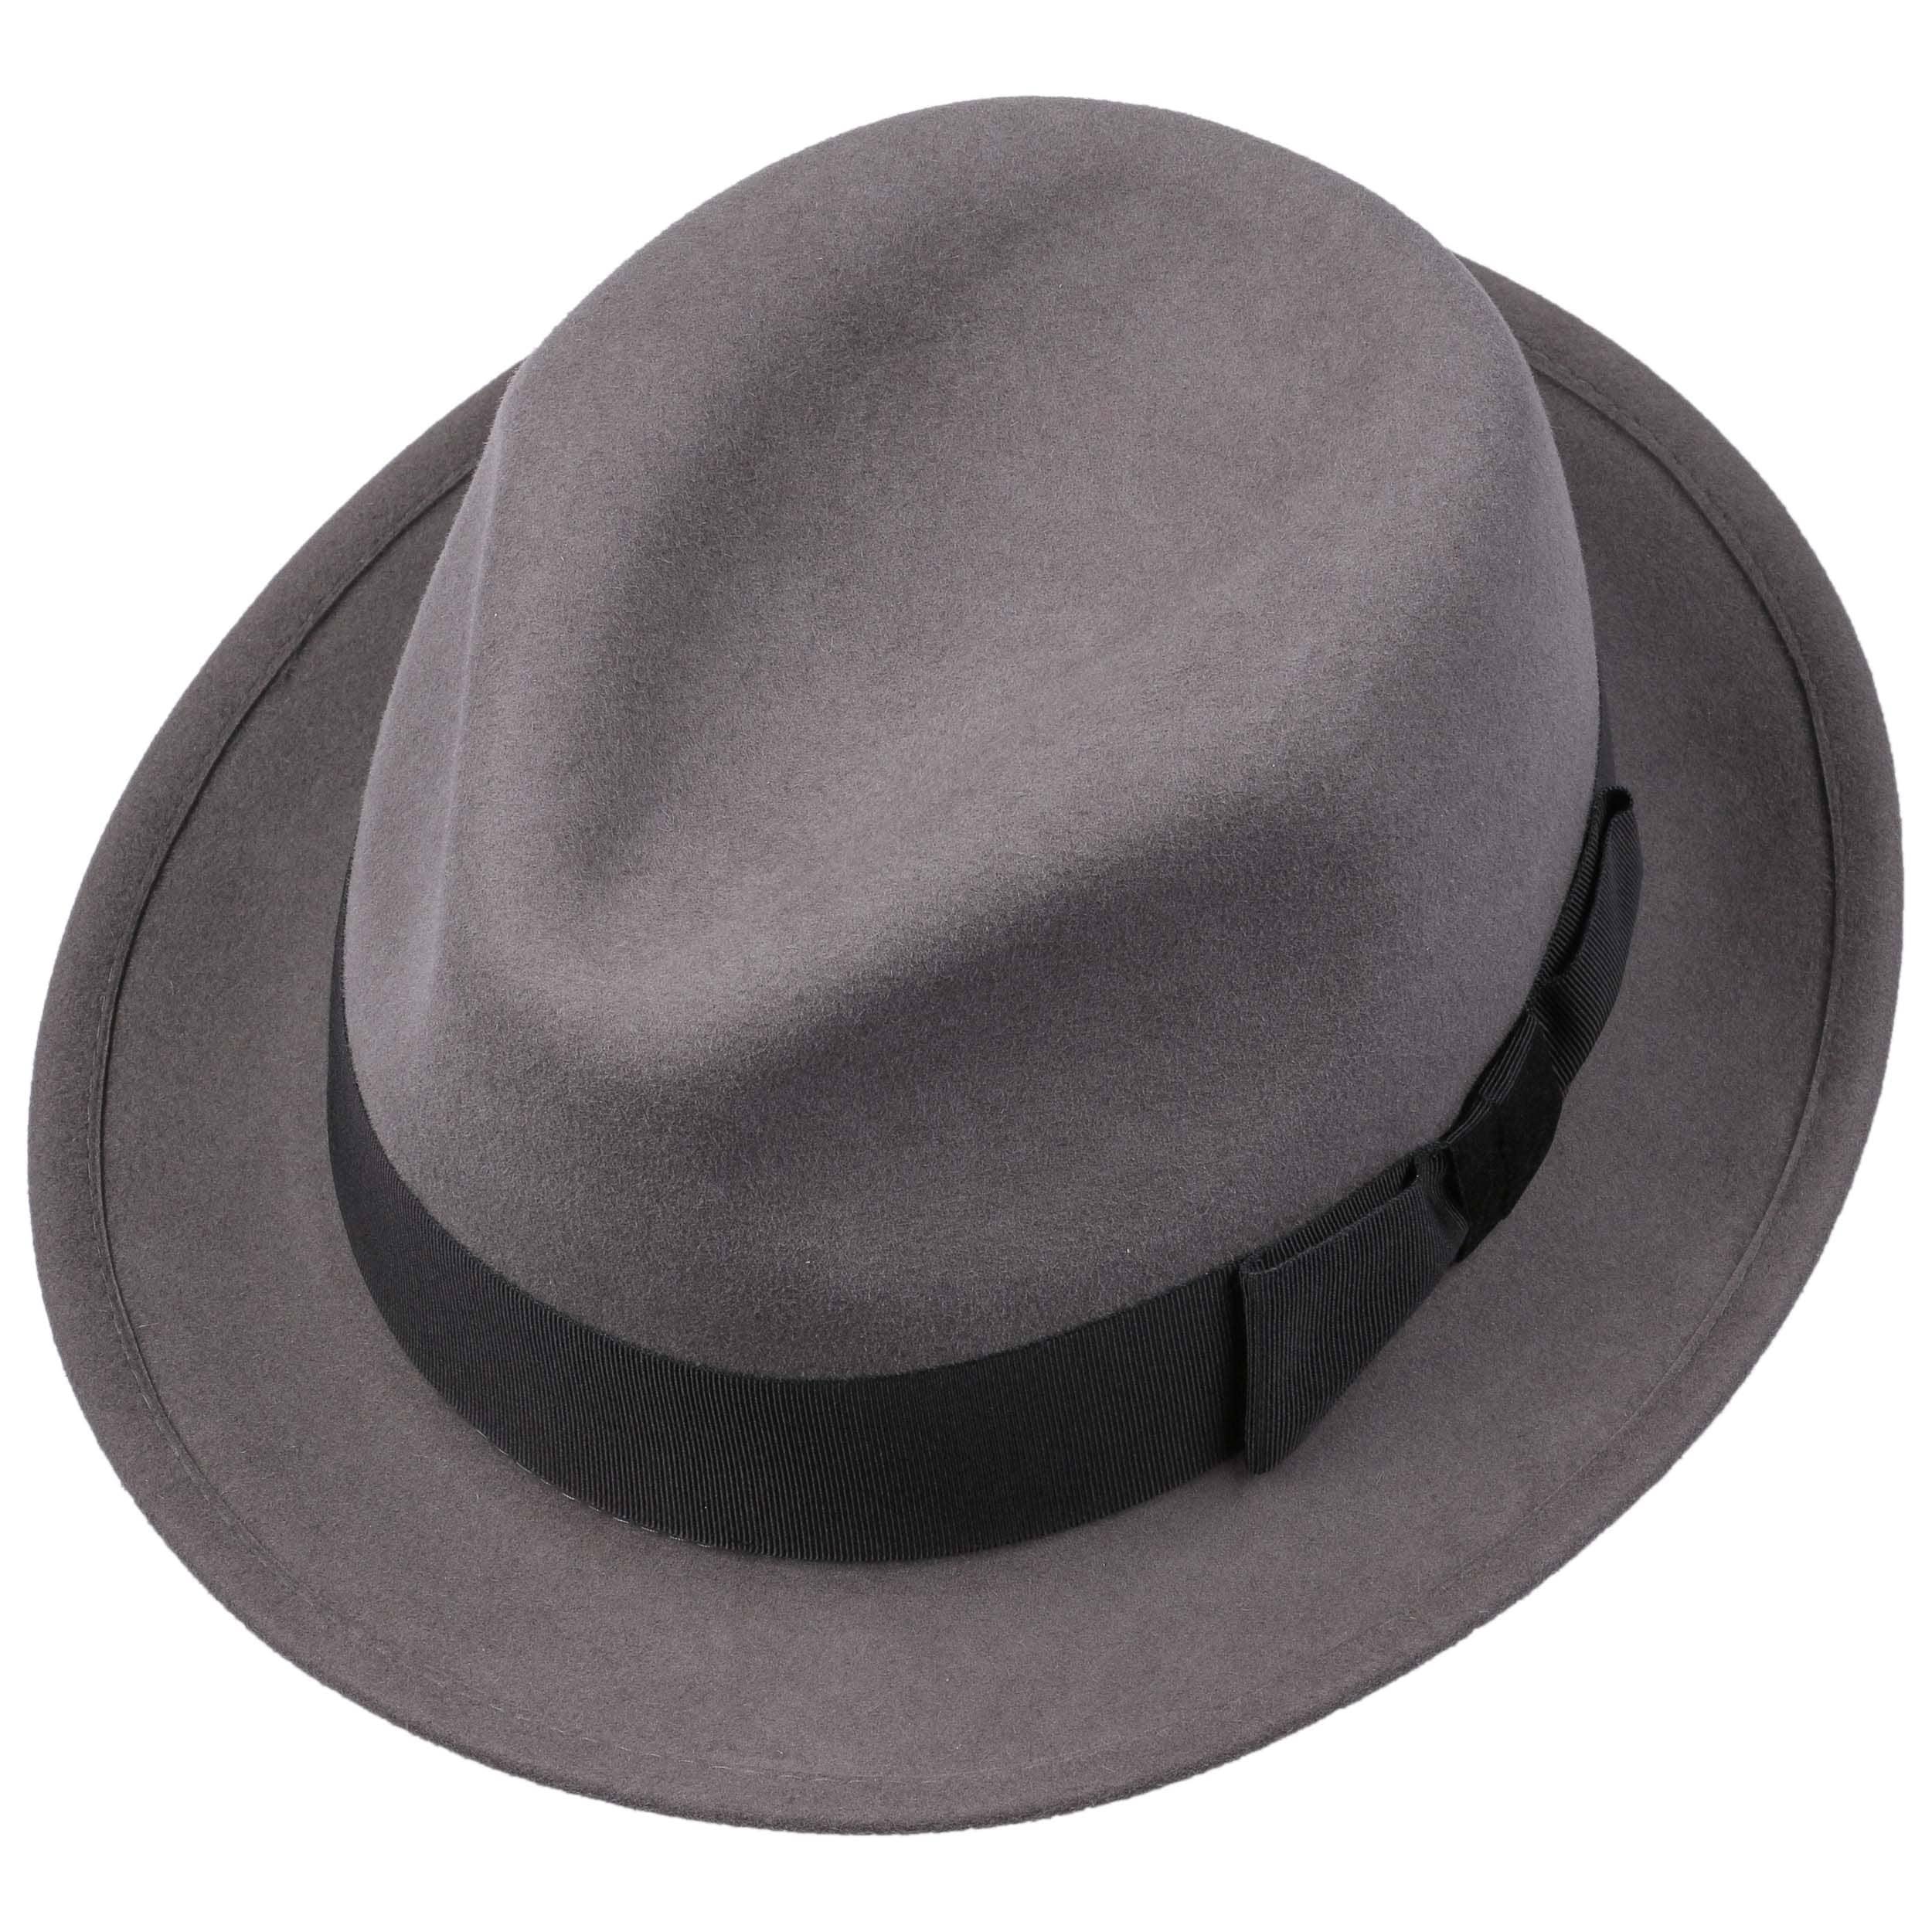 Sombrero de Fieltro de Pelo Marico by Stetson - gris 1 ... b0a06356e9e